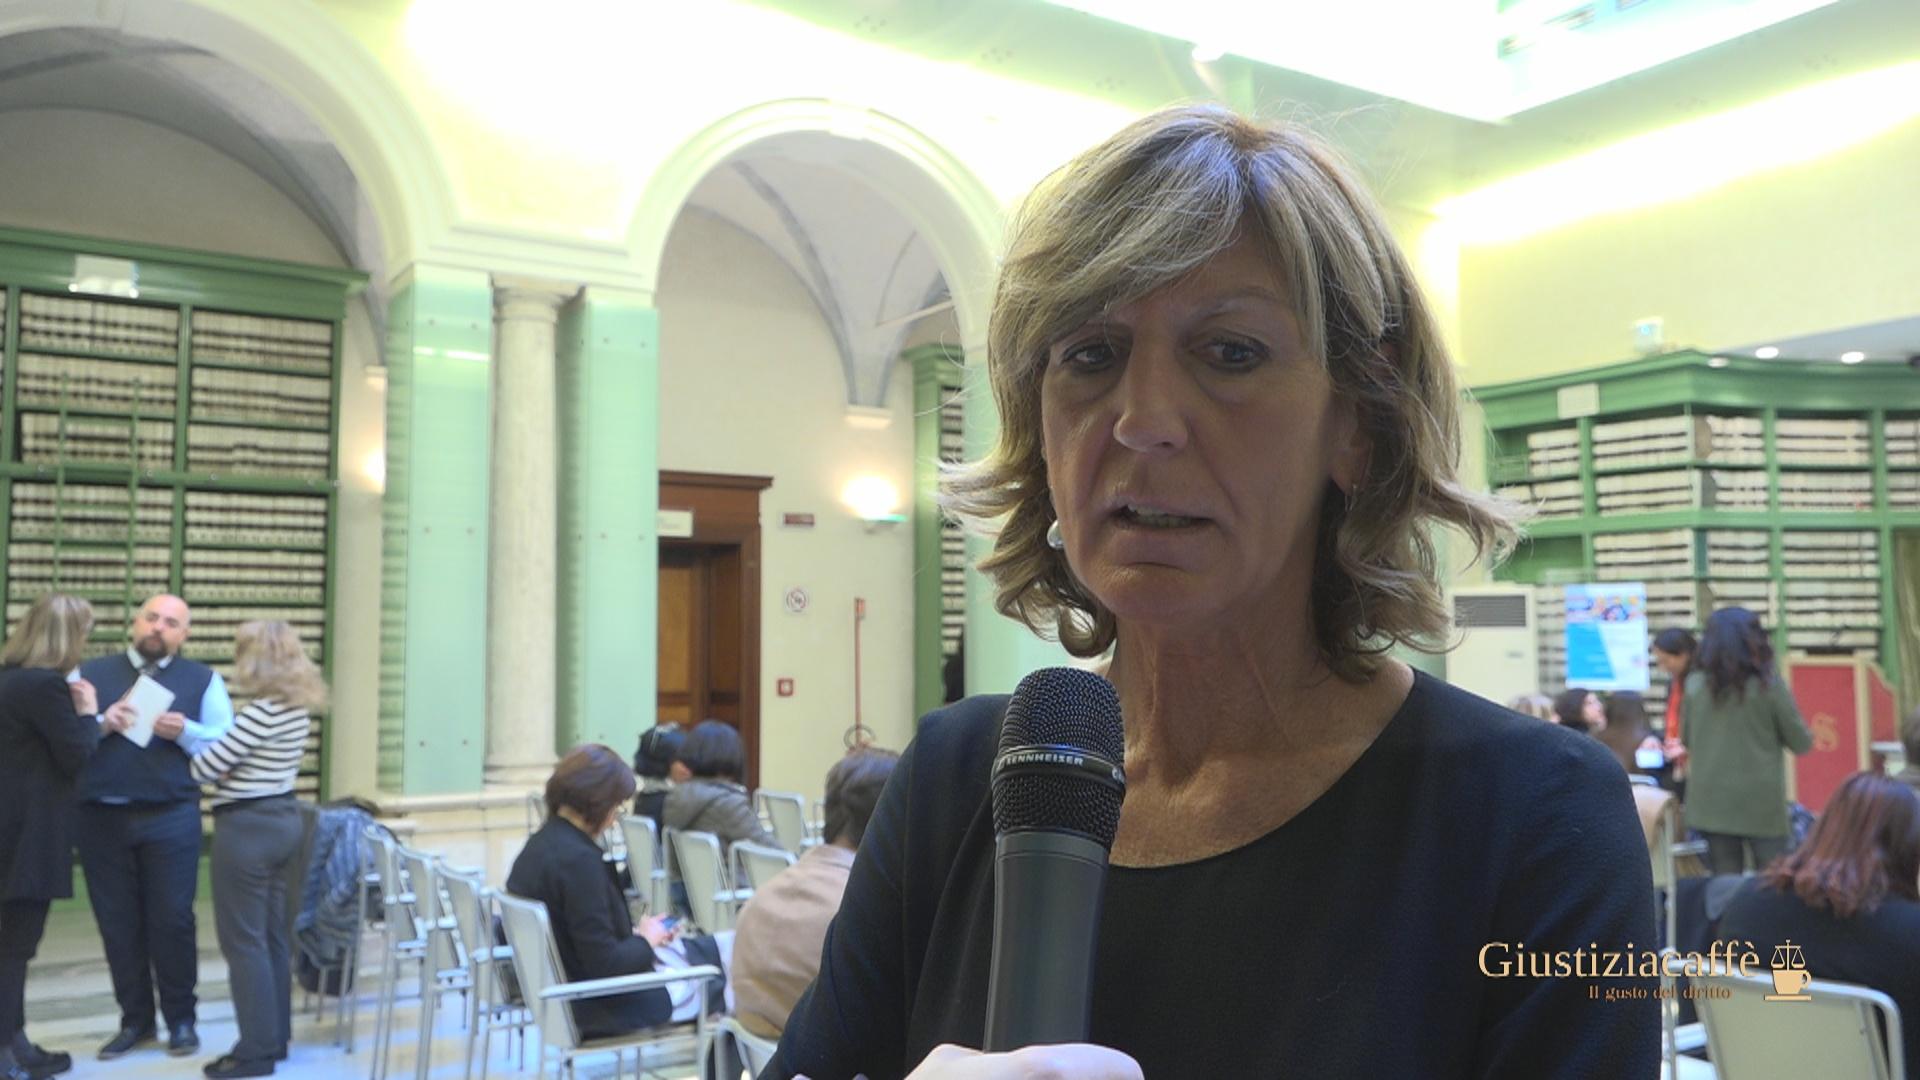 """Laura Iannotta, Presidente Unioni Camere Civili, """"social network e minori è un rapporto delicato, con i minori che devono imparare ad utilizzare questa risorsa"""""""